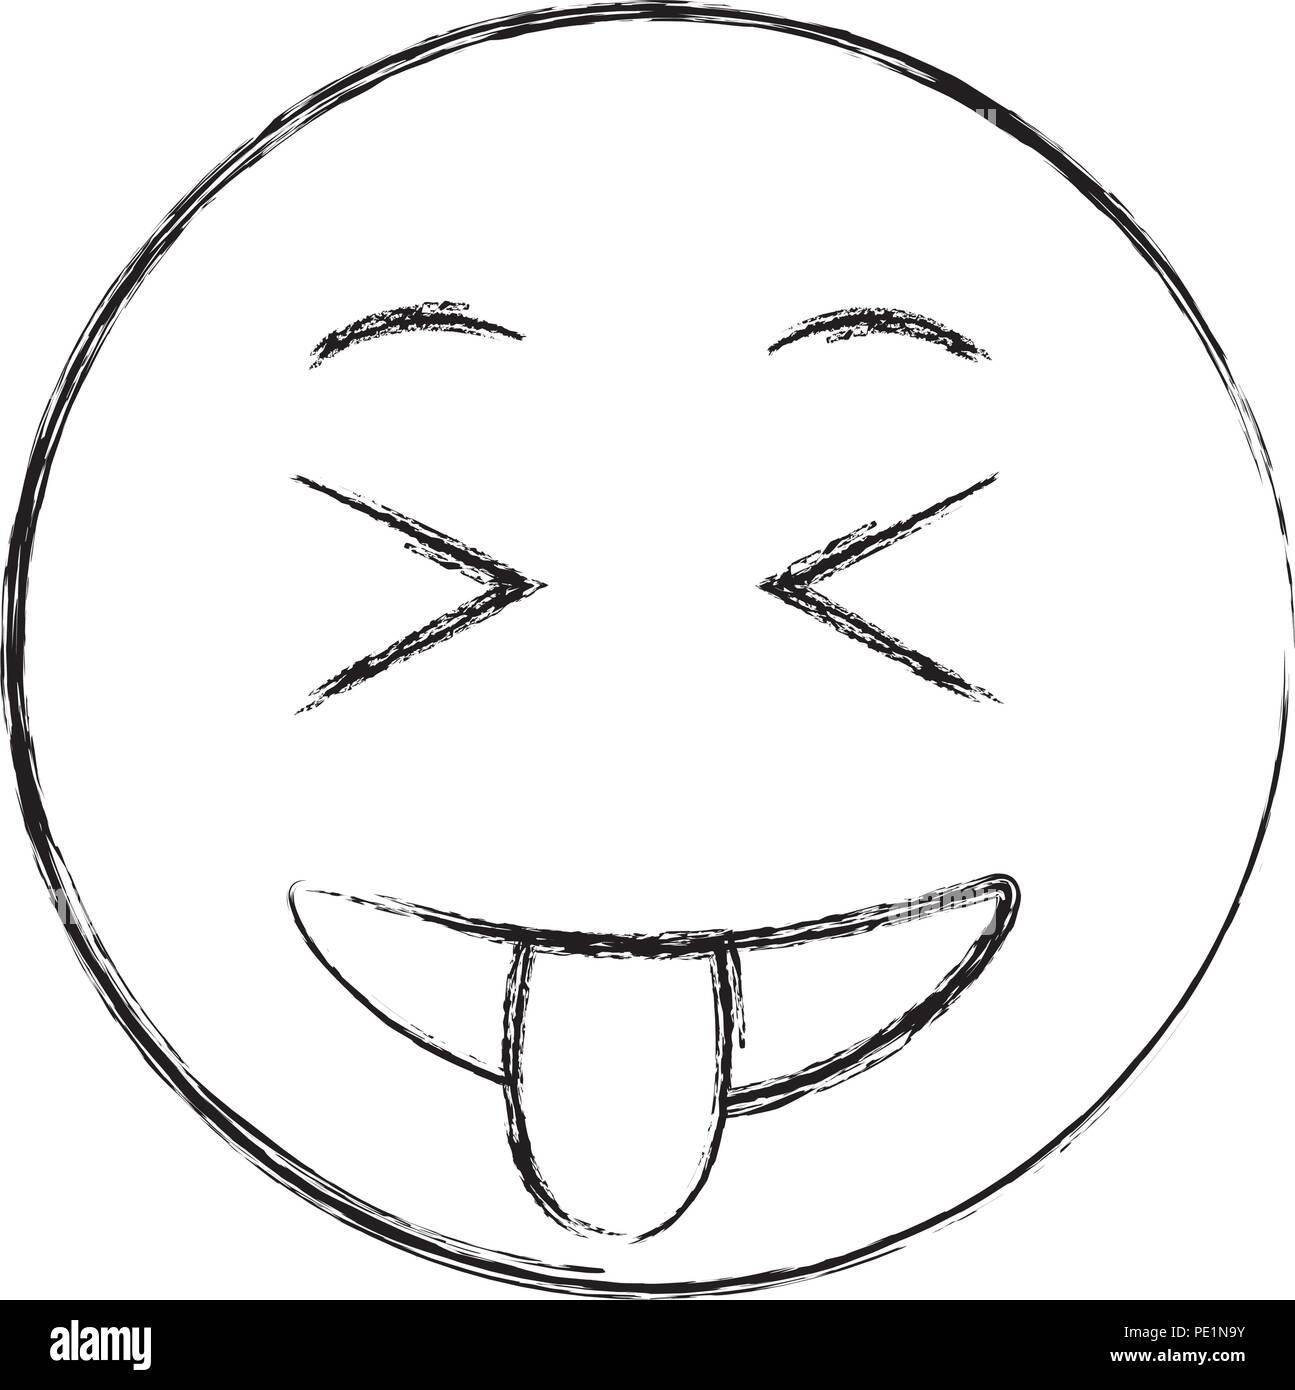 Smiley Visage Emoji Photos Smiley Visage Emoji Images Alamy